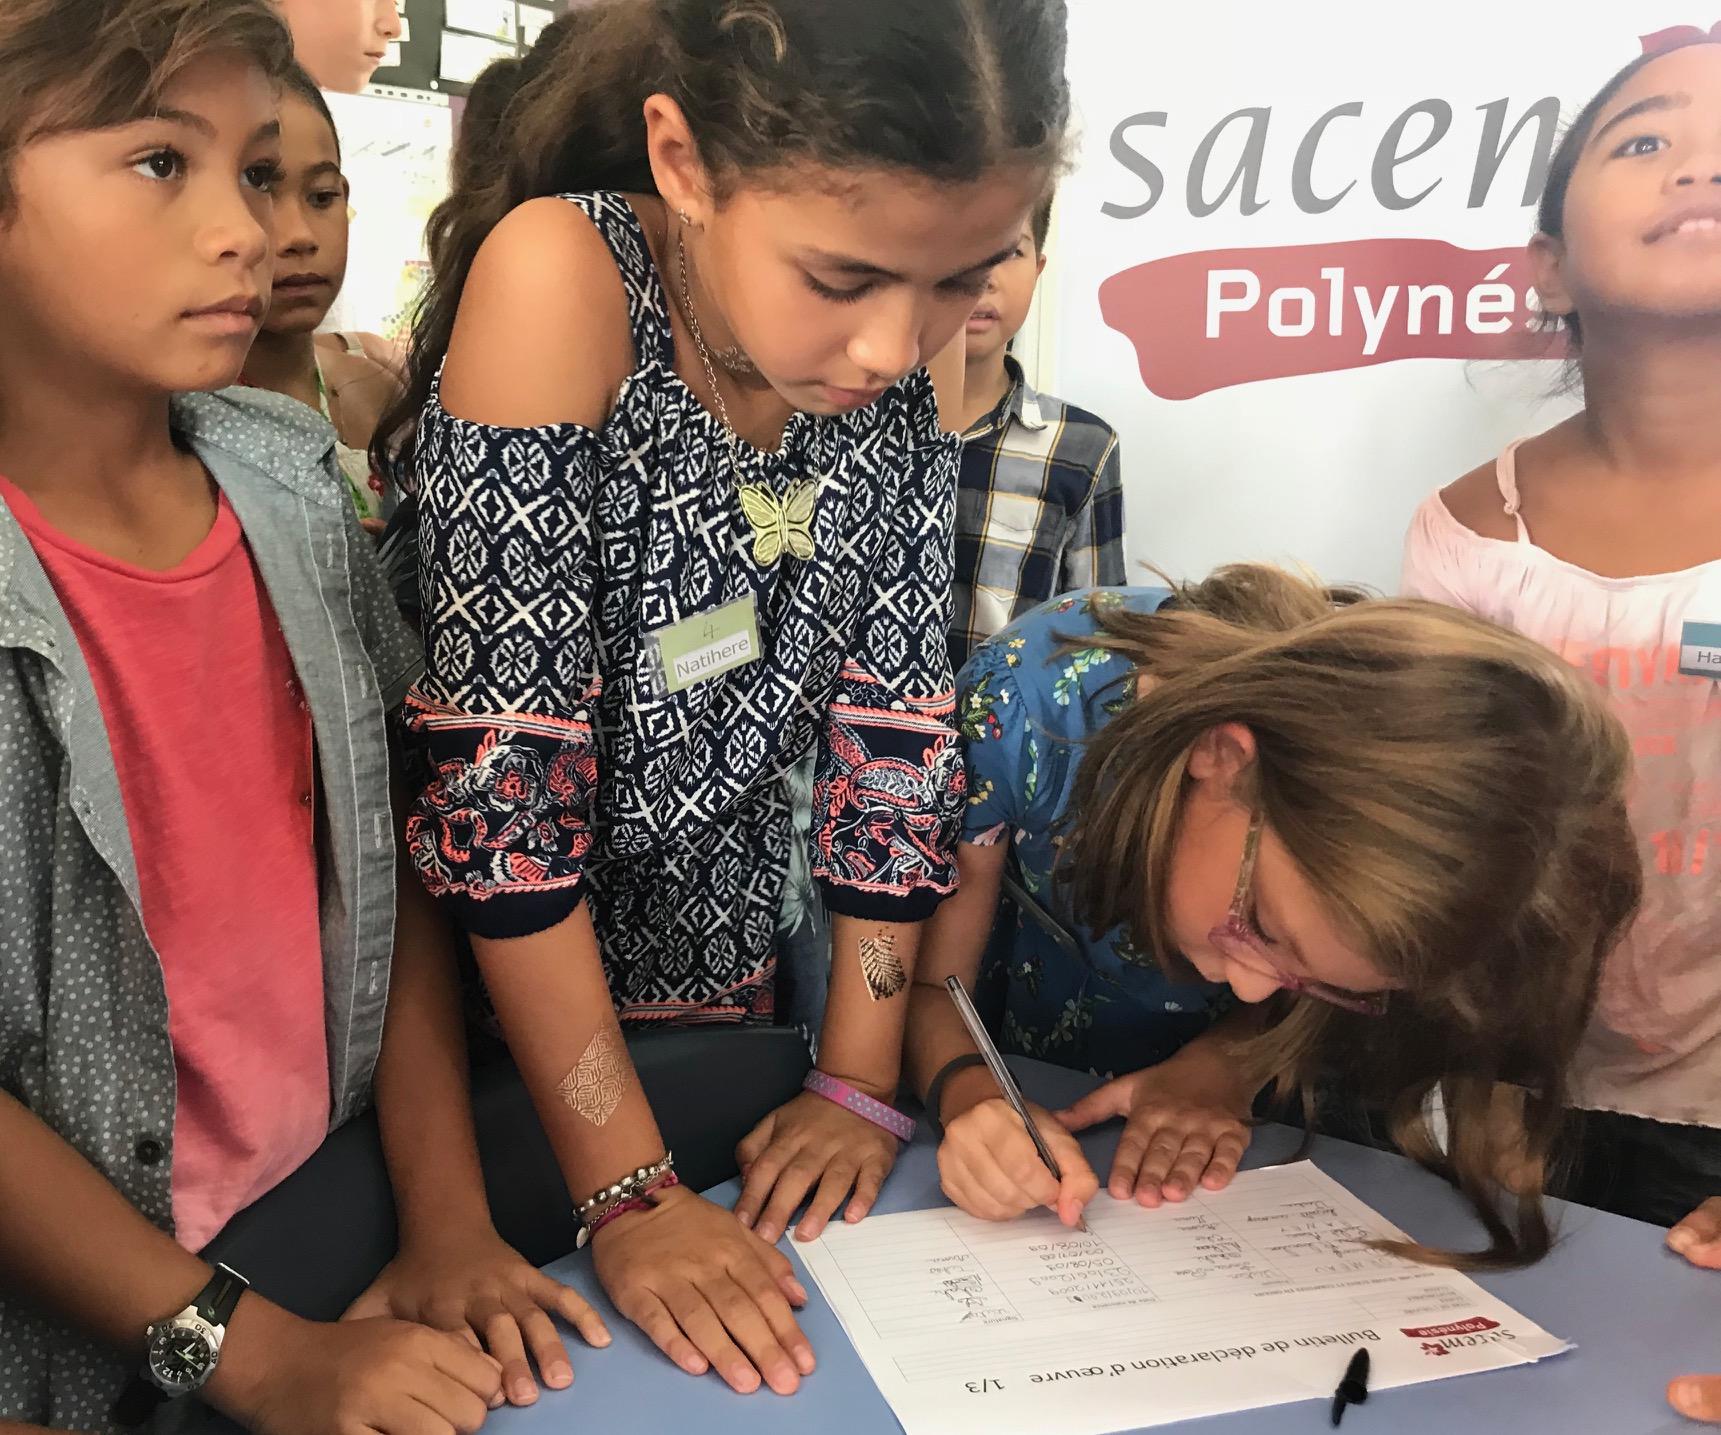 Les élèves enregistrent leurs droits d'auteur devant les membres de la SACEM présents à la conférence de presse.